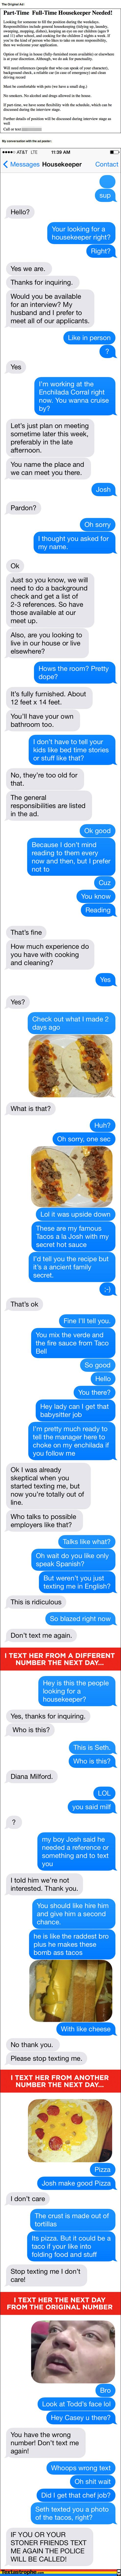 text pranks 4